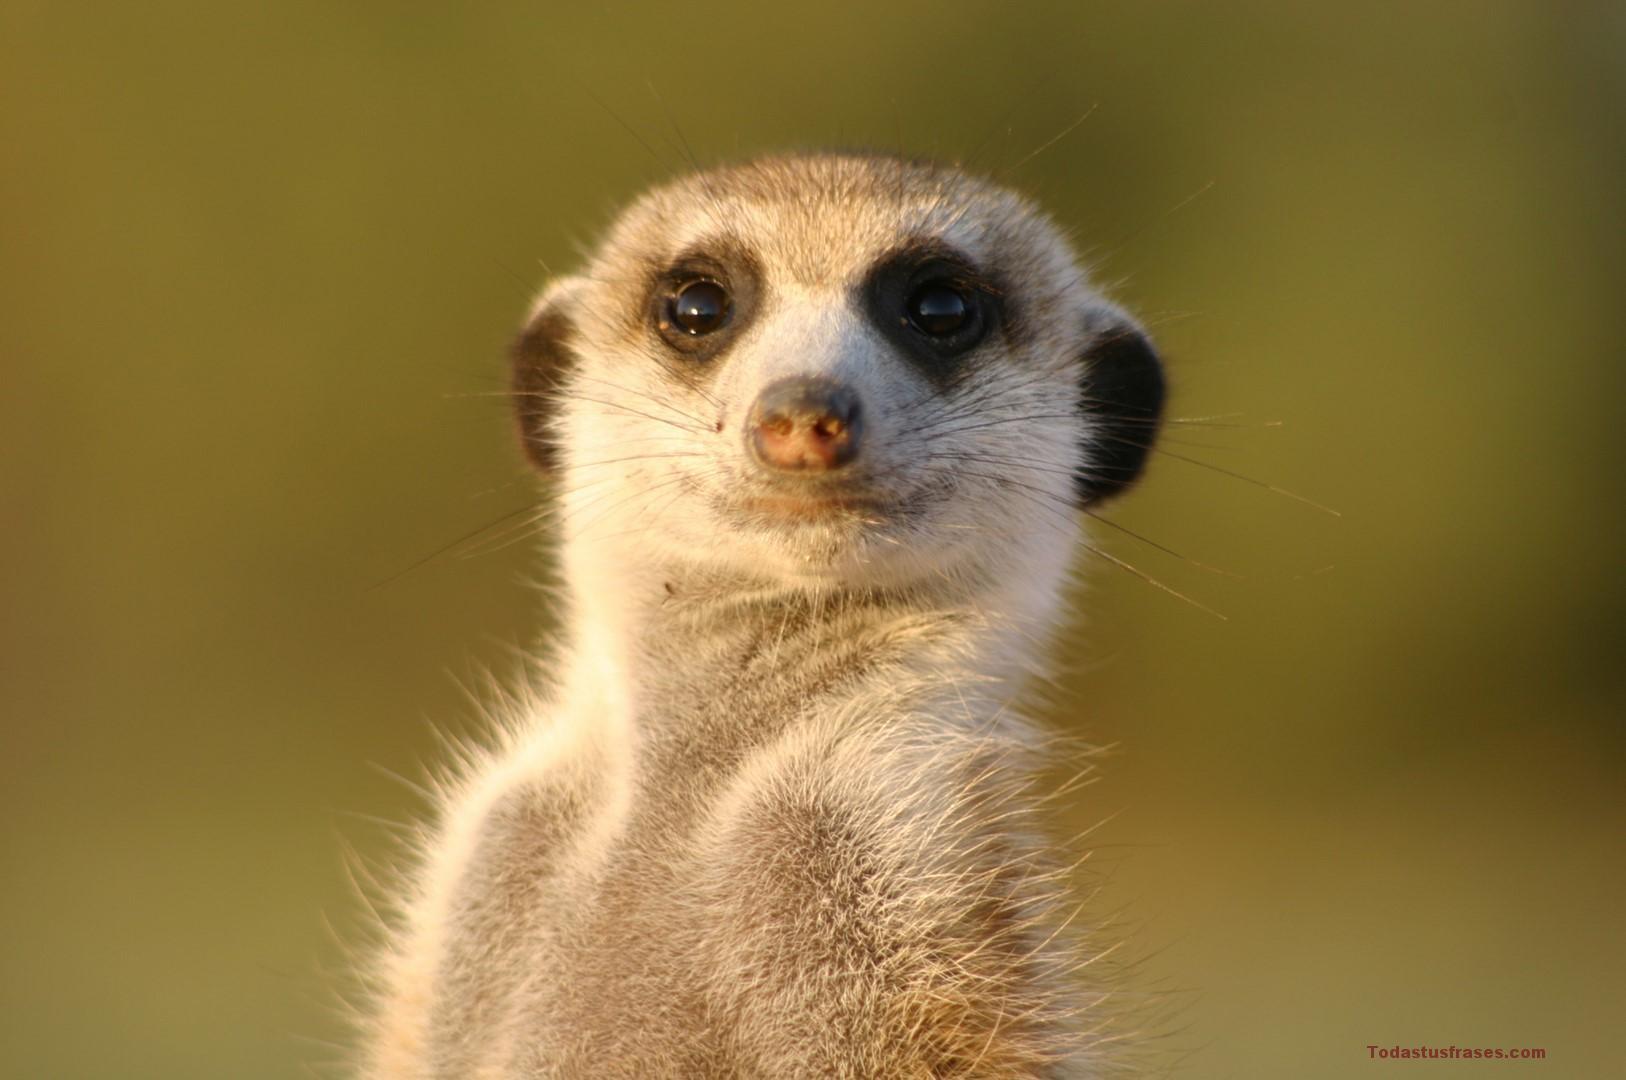 Fotos De Animales Salvajes Para Fondo De Pantalla: Fondos De Pantalla De Animales Graciosos Y Divertidos